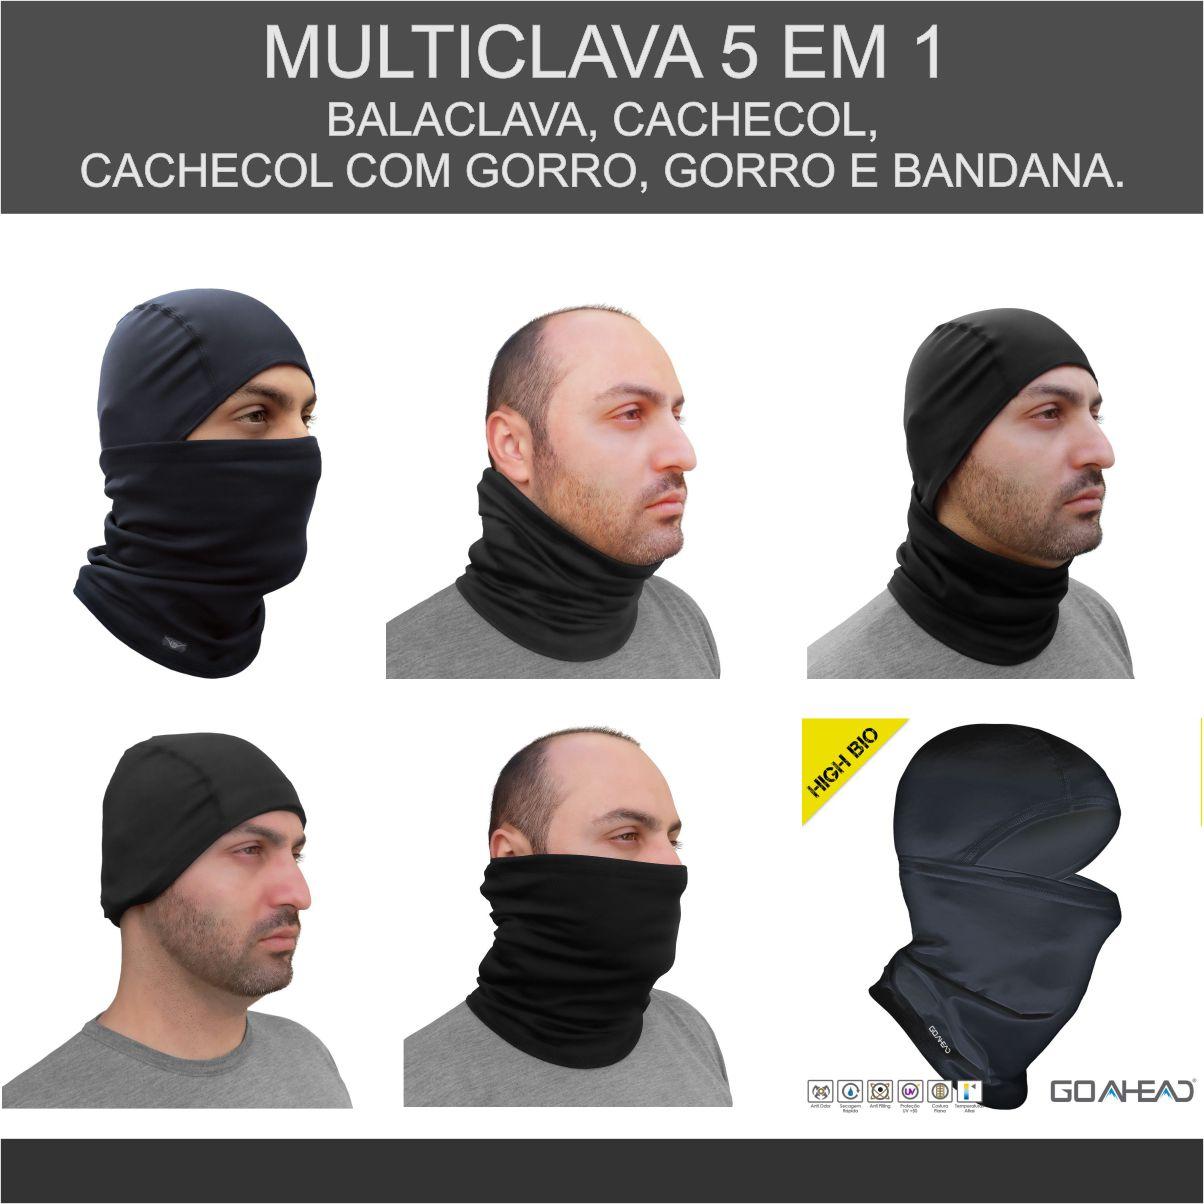 KIT COM MULTICLAVA GO AHEAD BRANCA HIGH BIO VERÃO + BALACLAVA GO AHEAD PRETA ULTRA INVERNO EXTREME